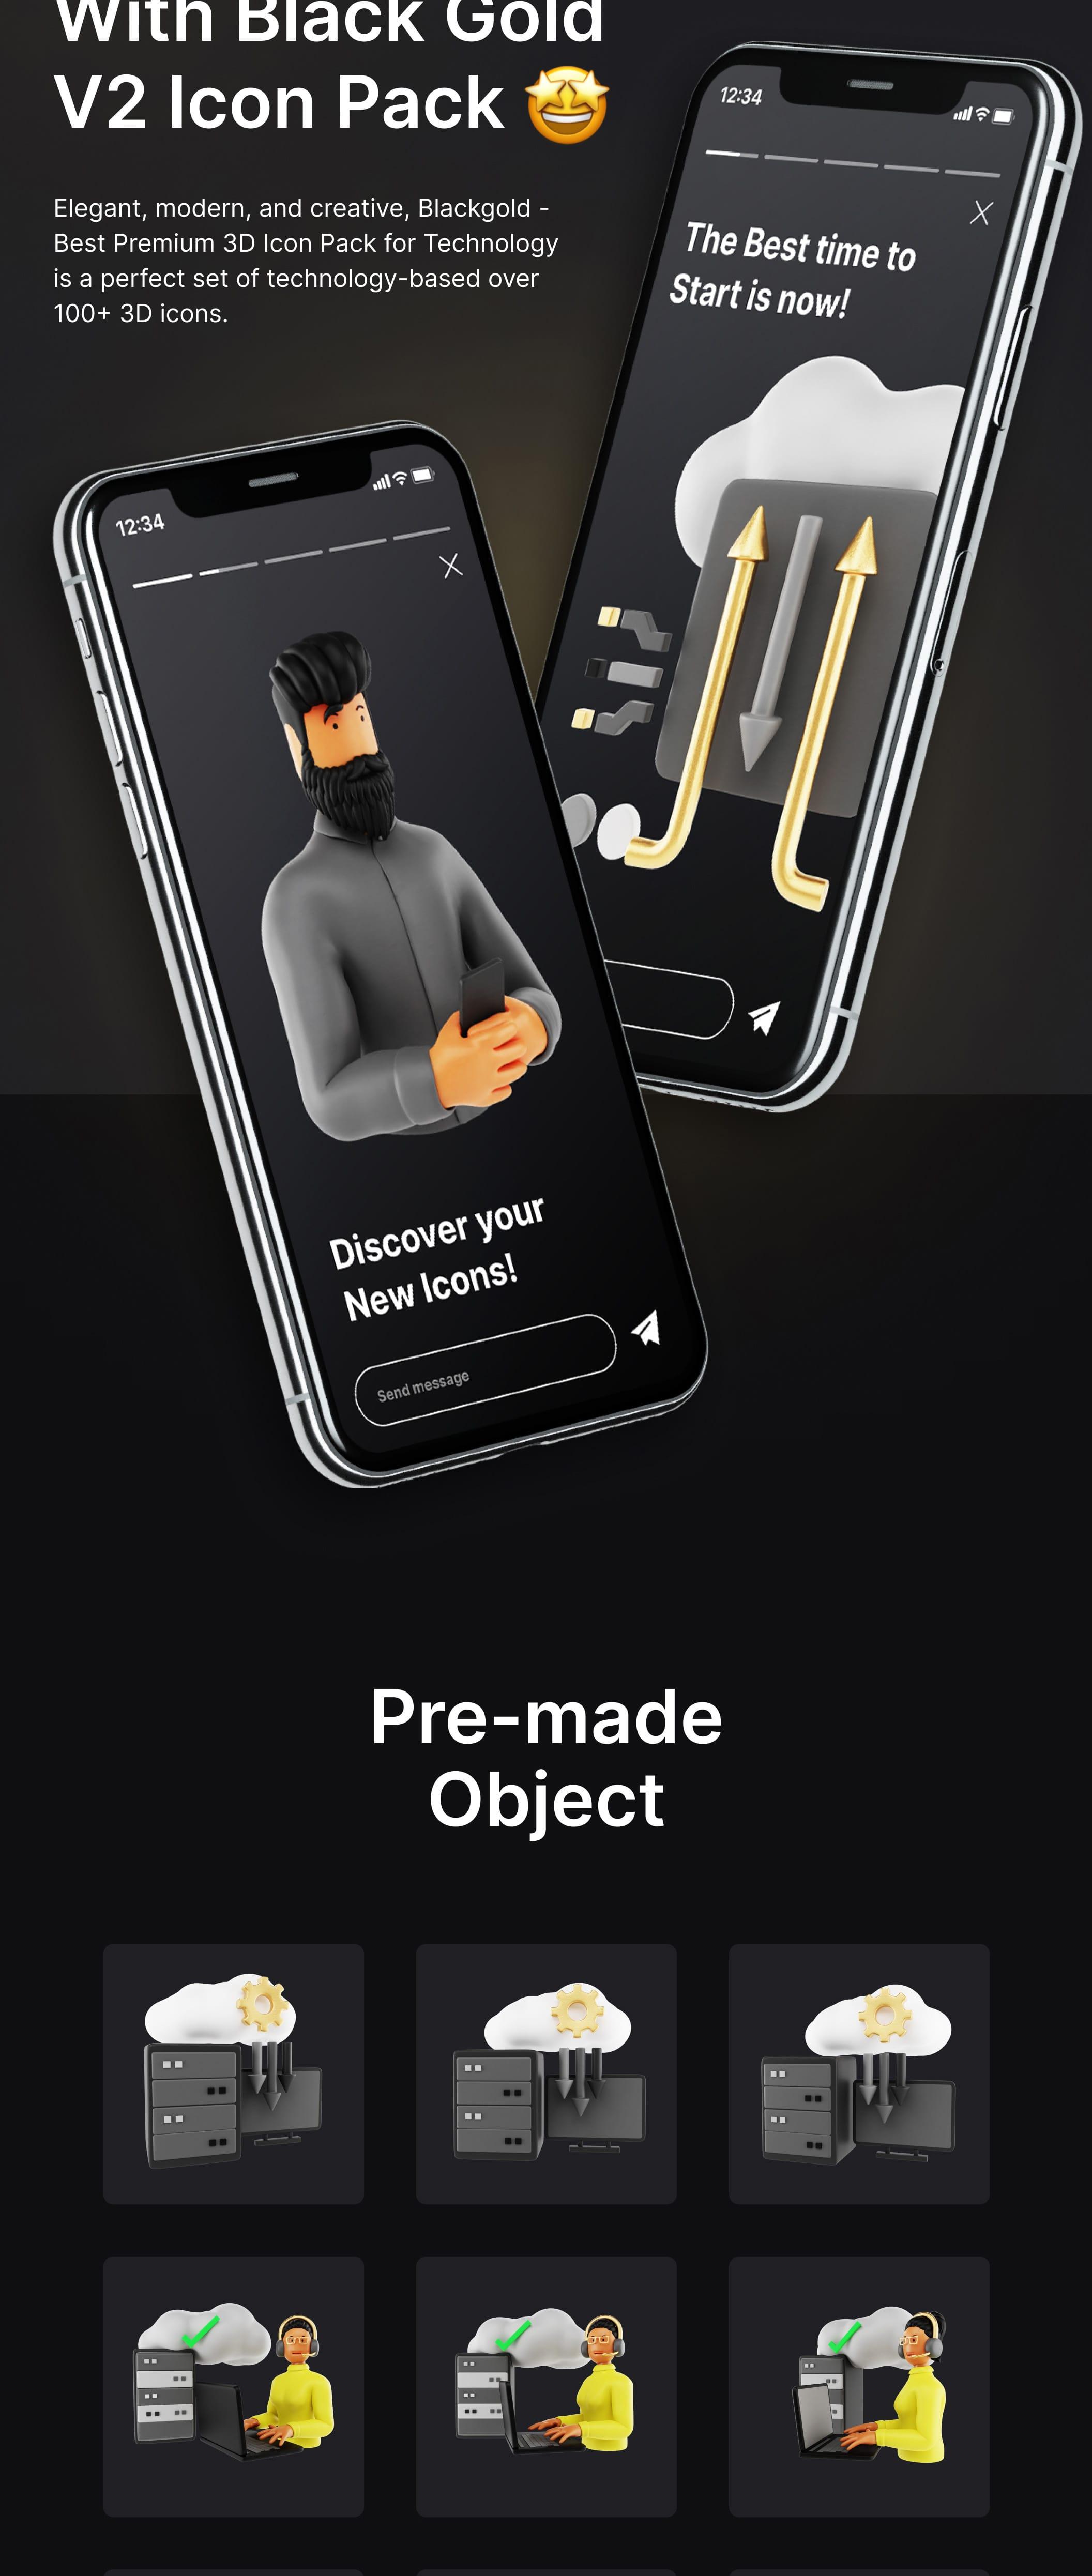 Premium 3D UI Elements fpr Technology | BlackGold Vol2 Pro | Iqonic Design premium 3d icon pack for technology BlackGold Vol2 Pro black 20g02 min